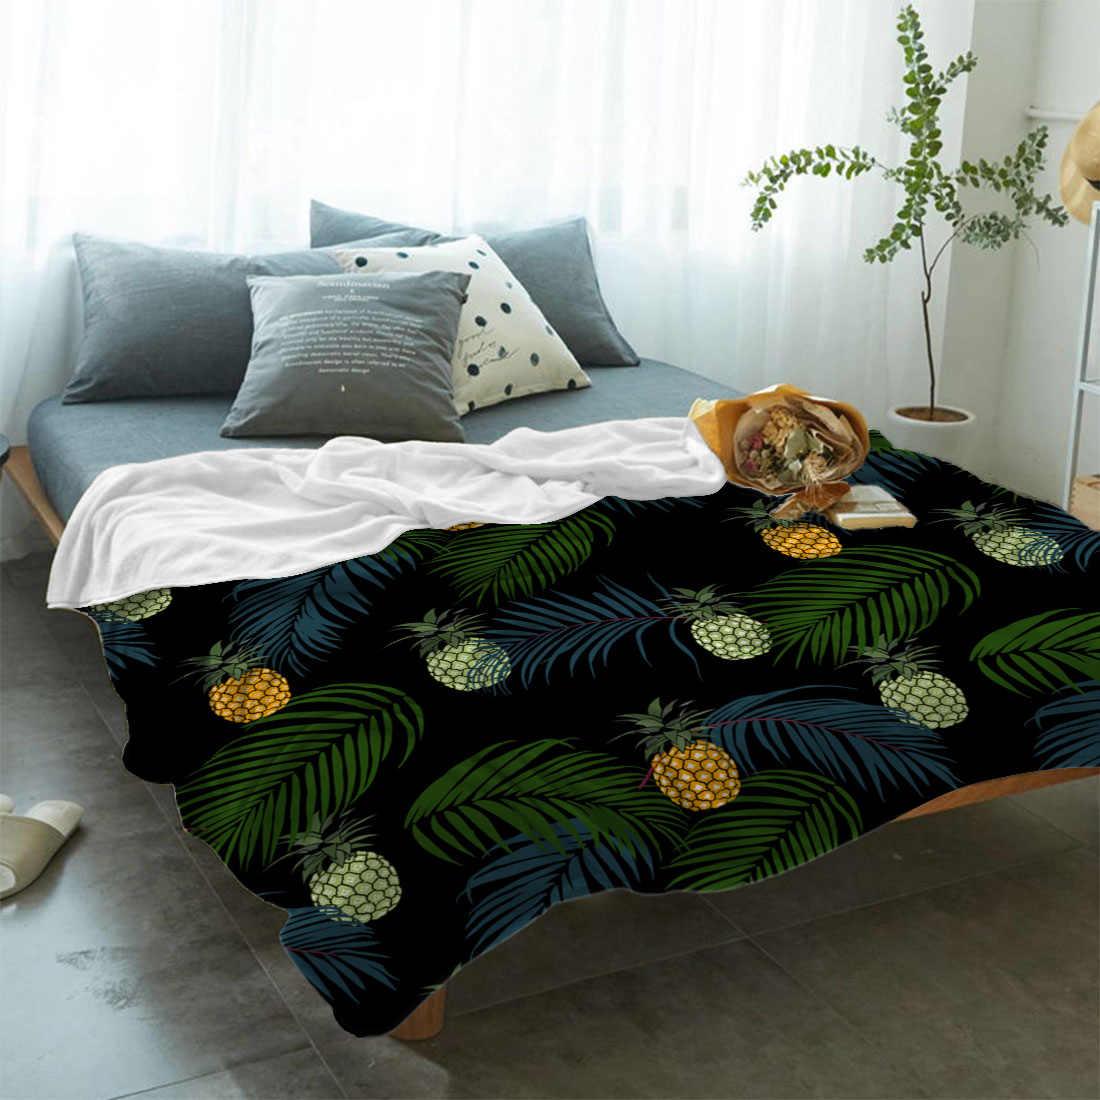 BIGHOUSES rzut koc owoce ananas tropikalnych roślin liści palmowych czarny rzut koc miękki ciepły koc z mikrofibry